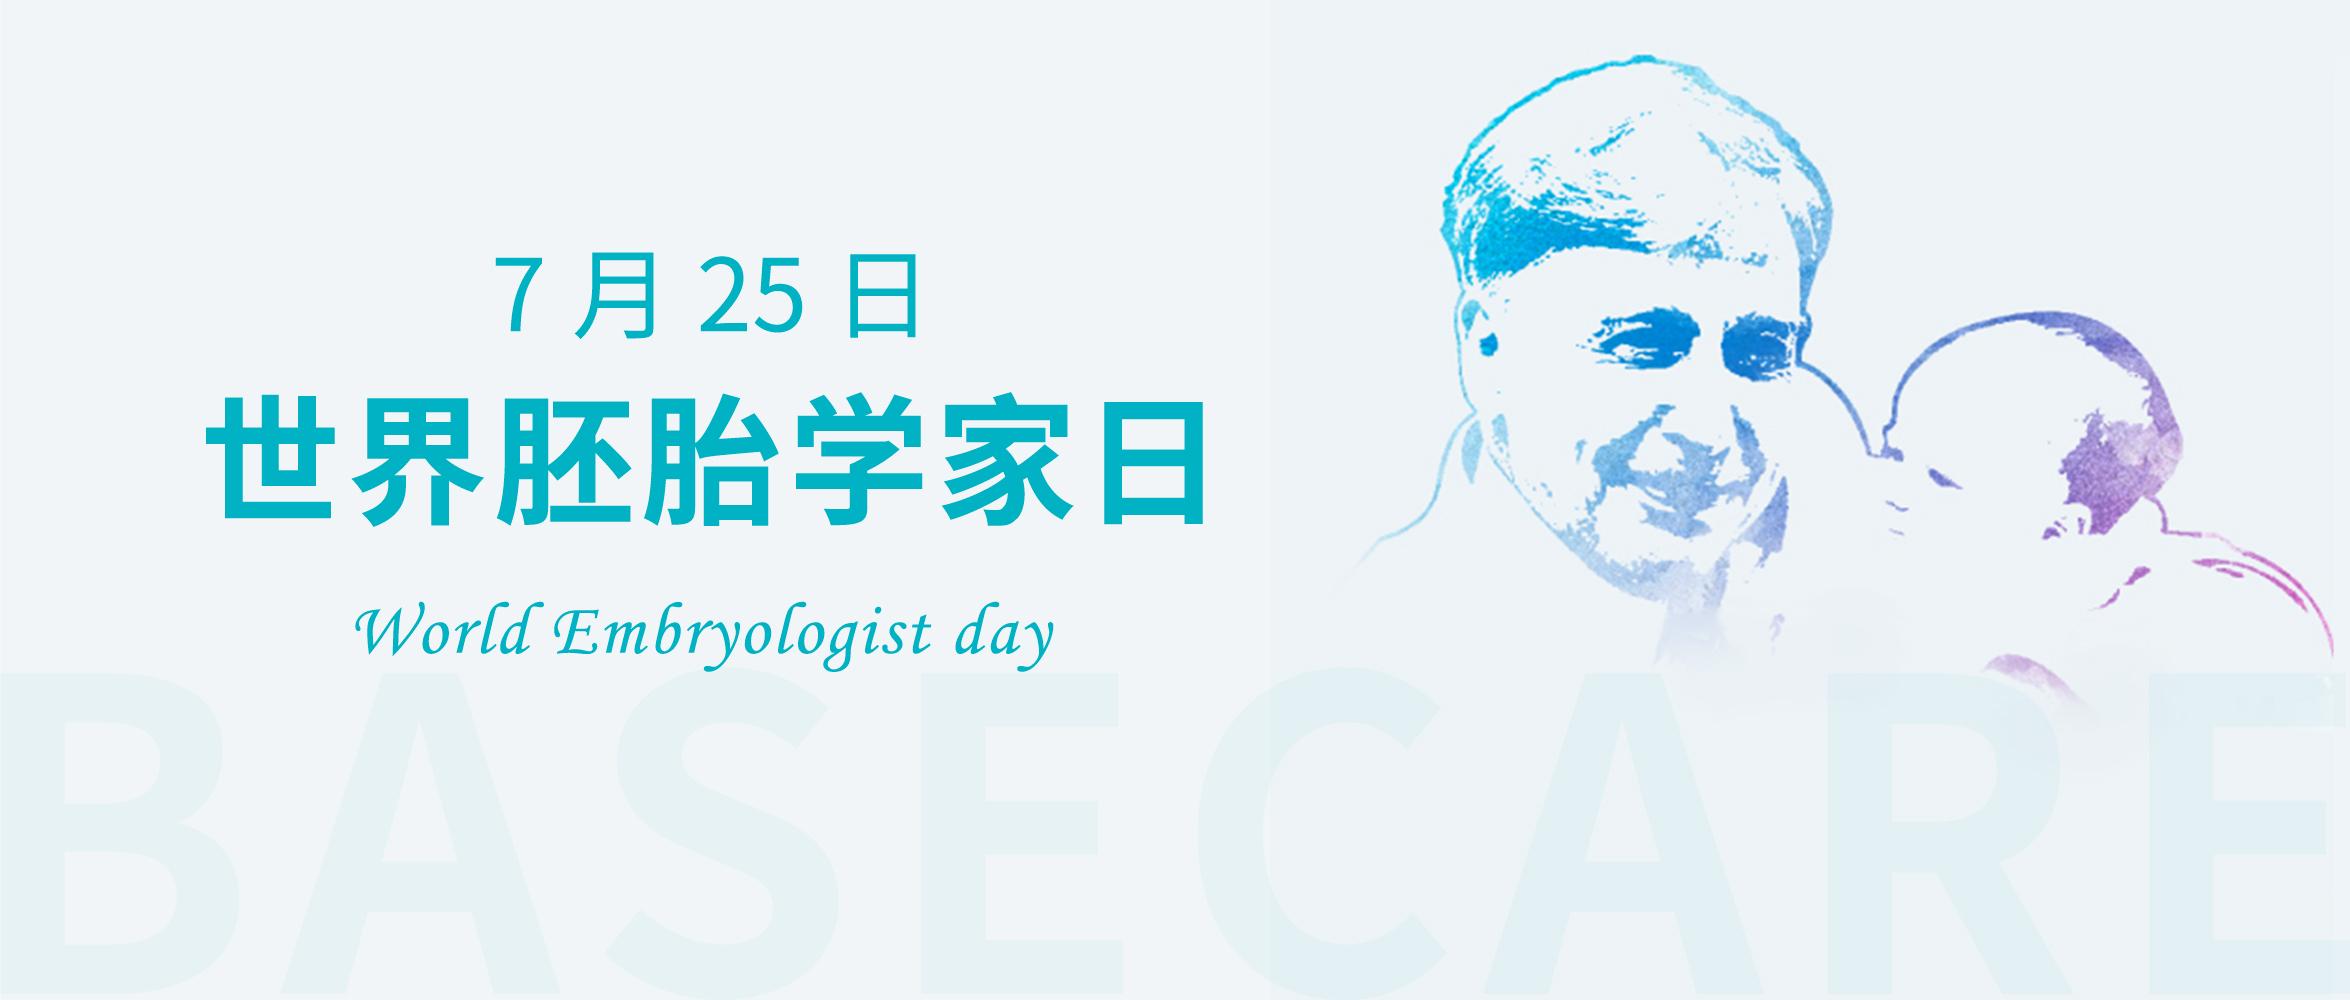 世界胚胎学家日 贝康医疗用行动向幕后英雄致敬